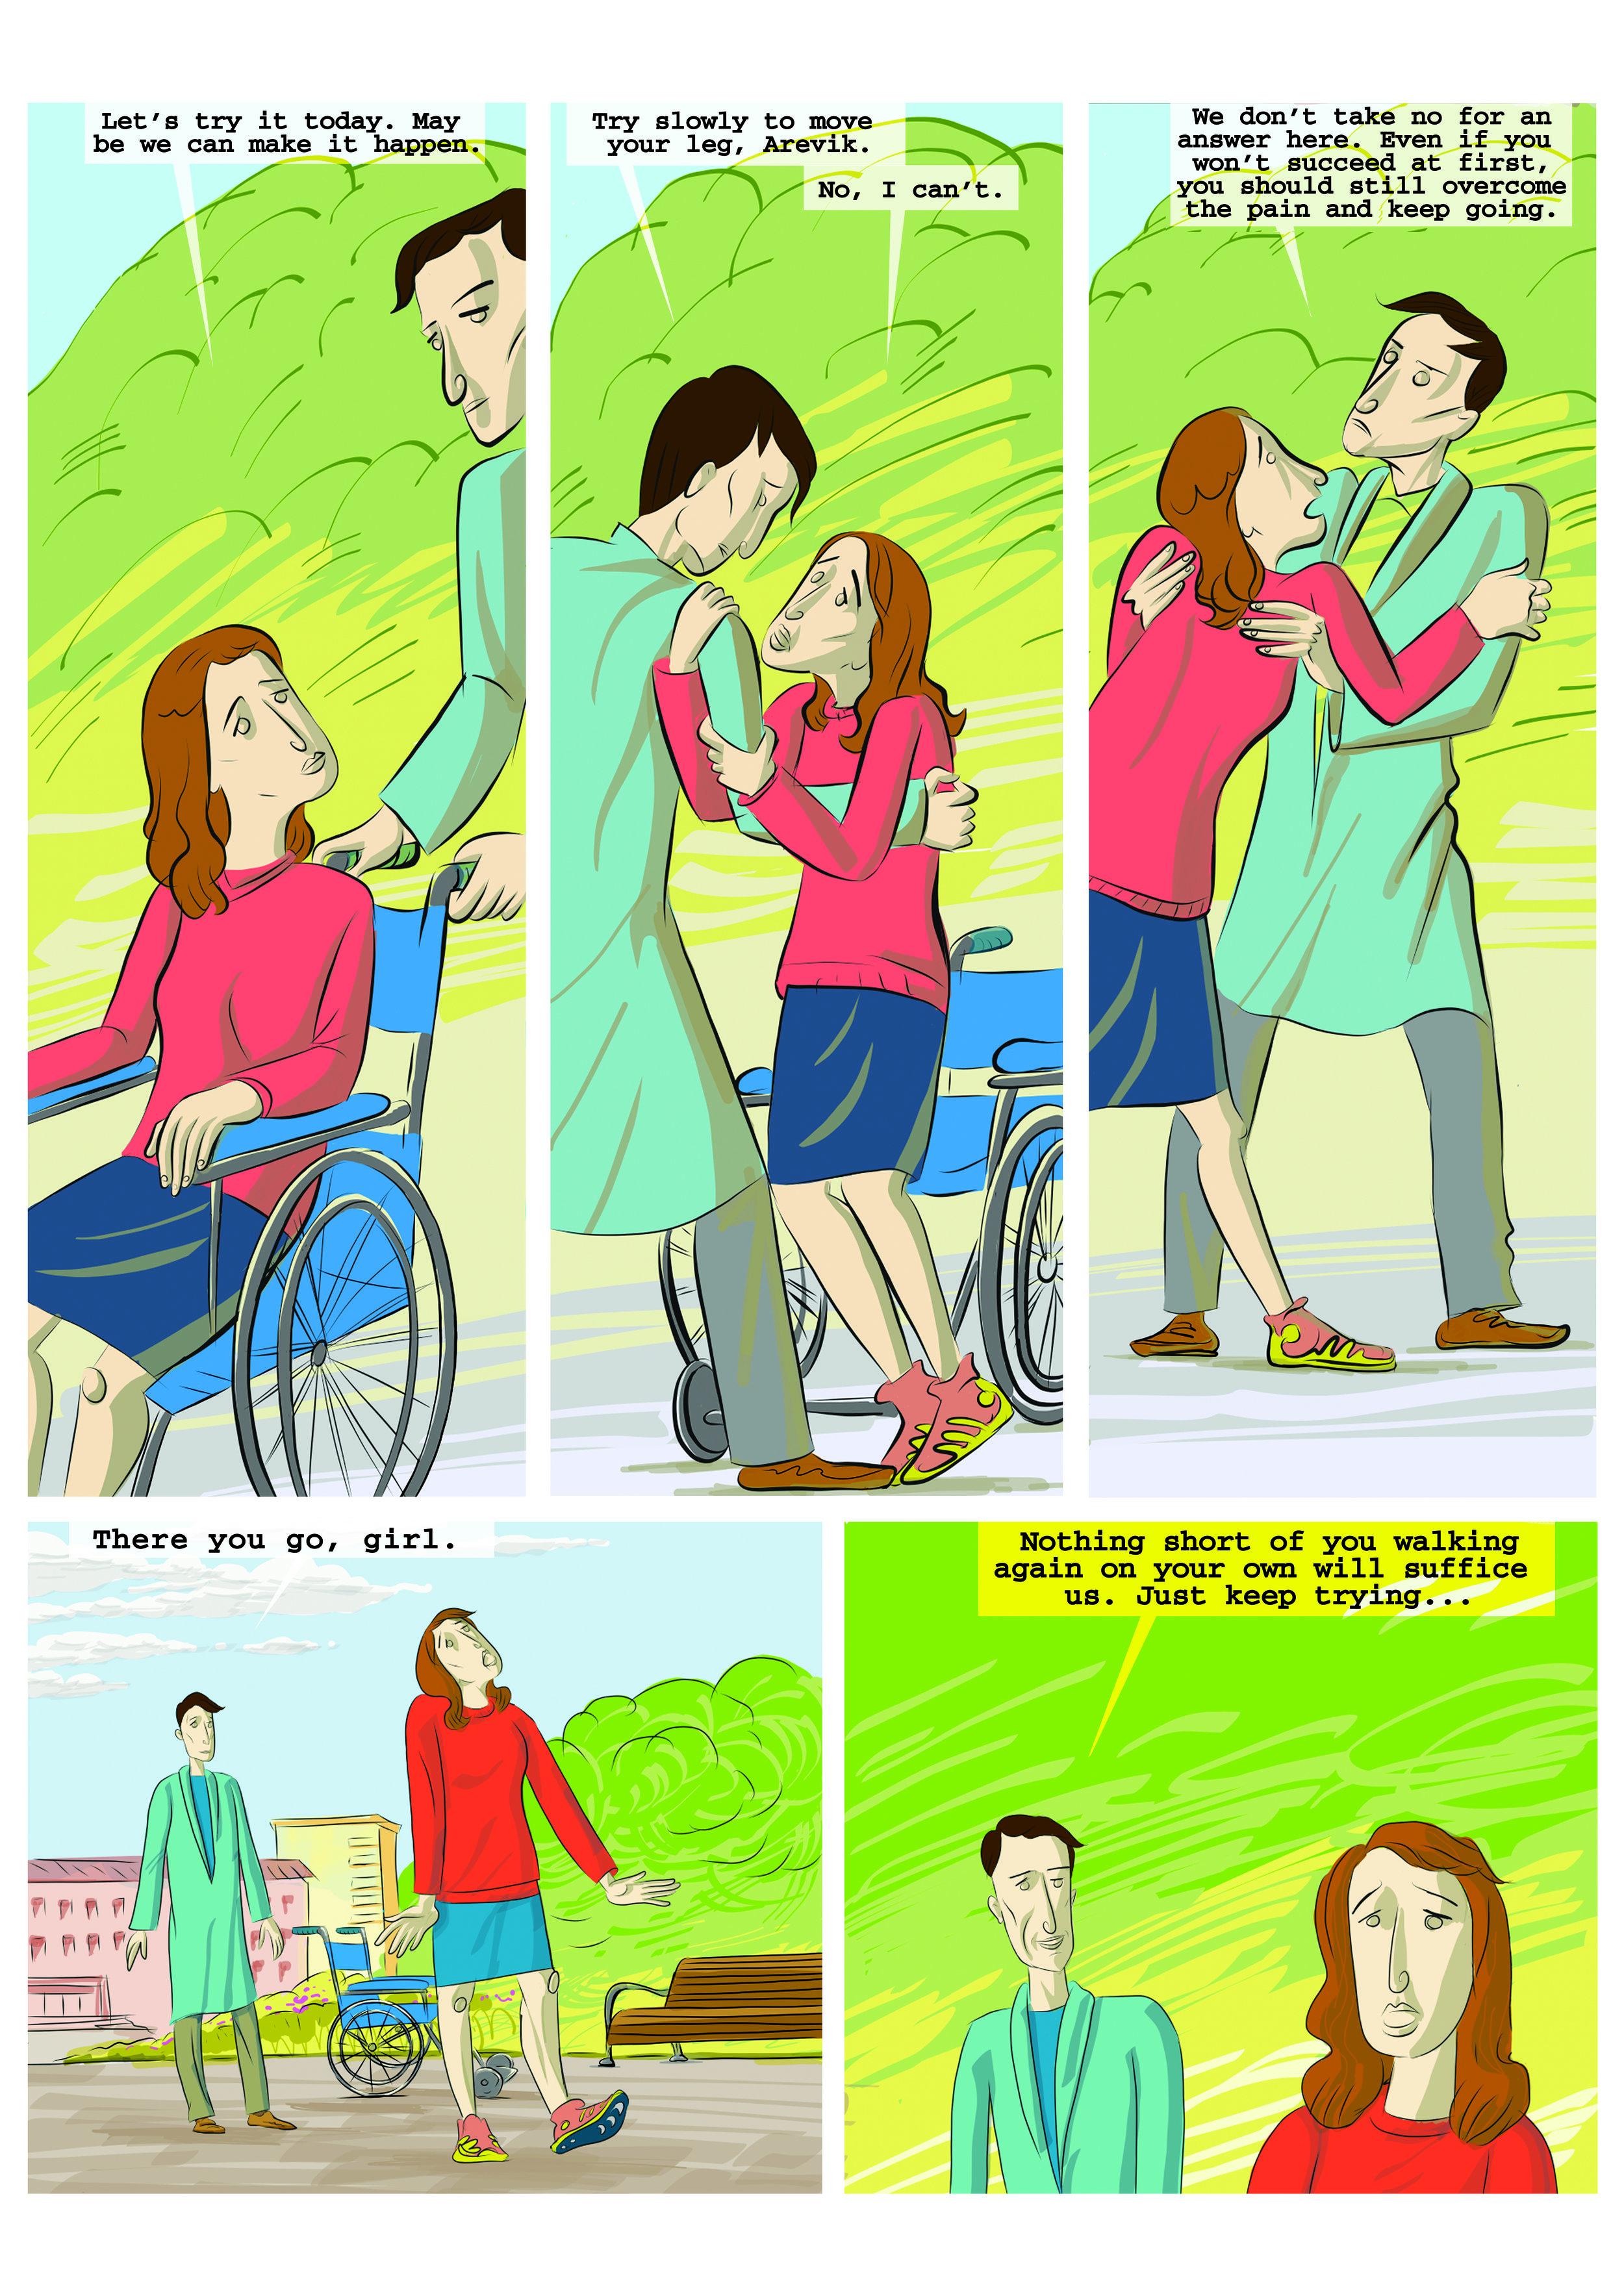 story05ej03ANGL.jpg